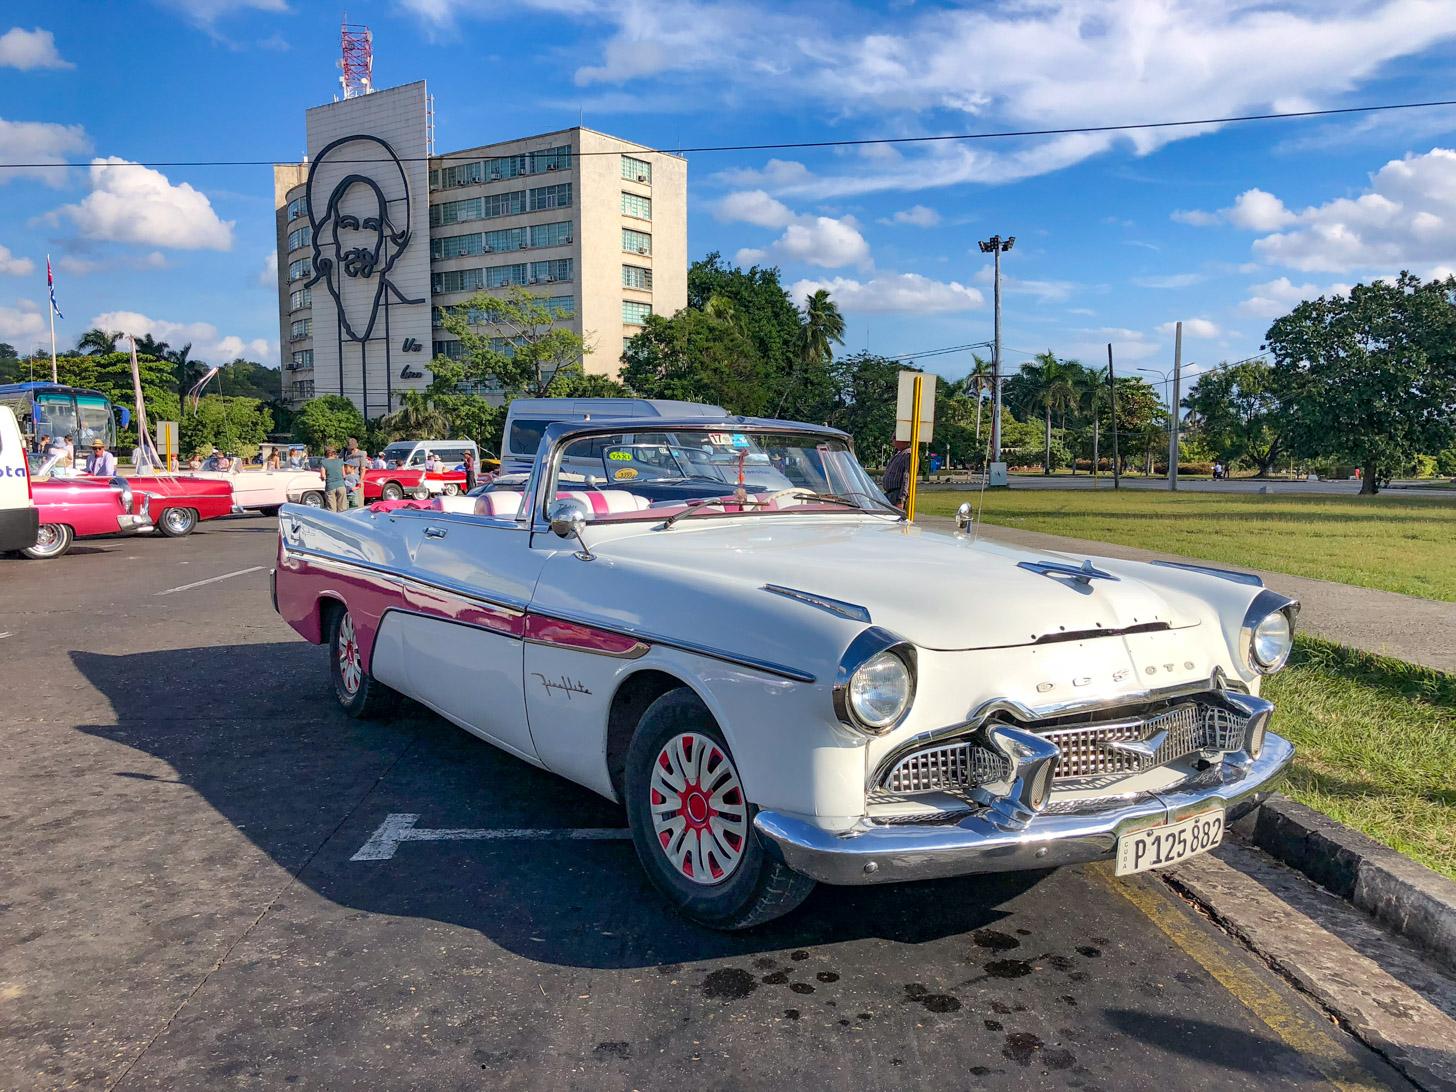 Ritje met een klassieke Amerikaanse auto